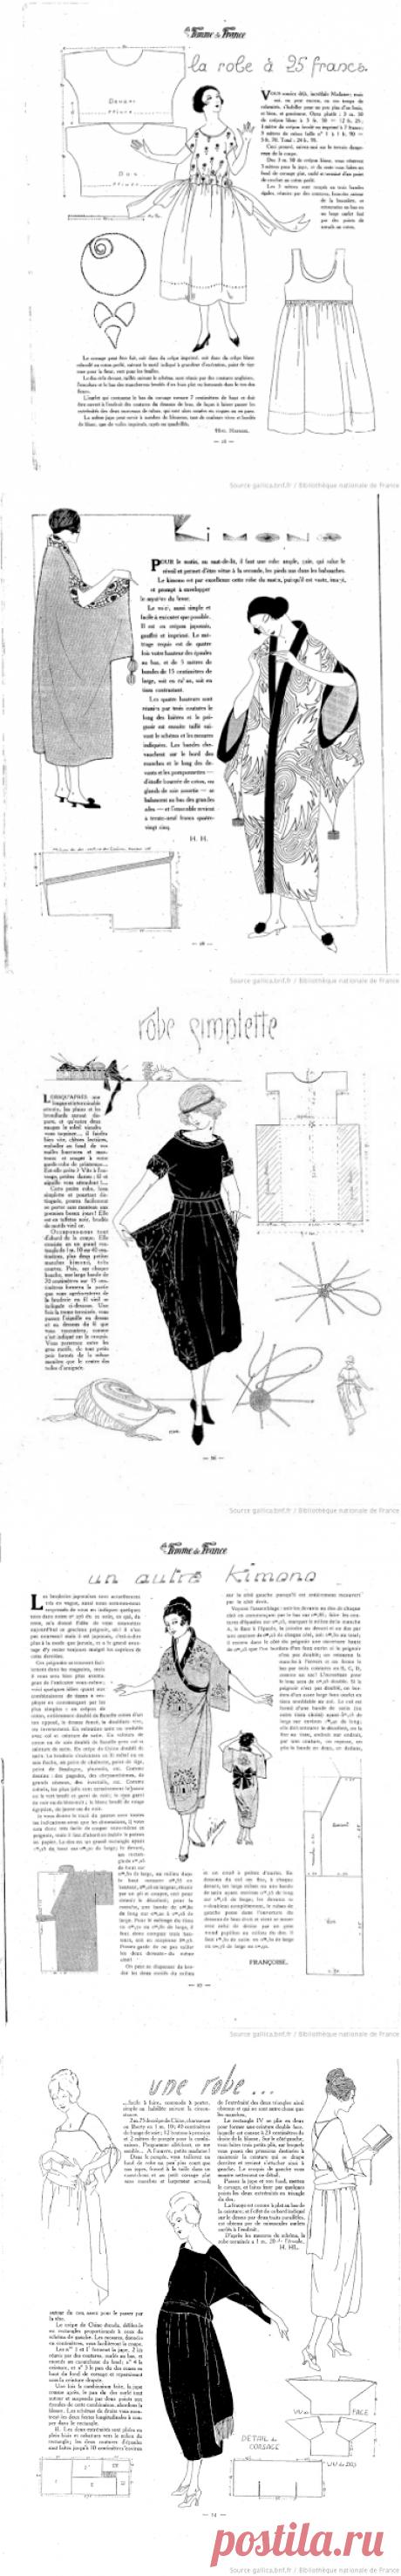 Потрясающие простые выкройки платьев 20-х годов (трафик + сюрприз) / Выкройки ретро / ВТОРАЯ УЛИЦА